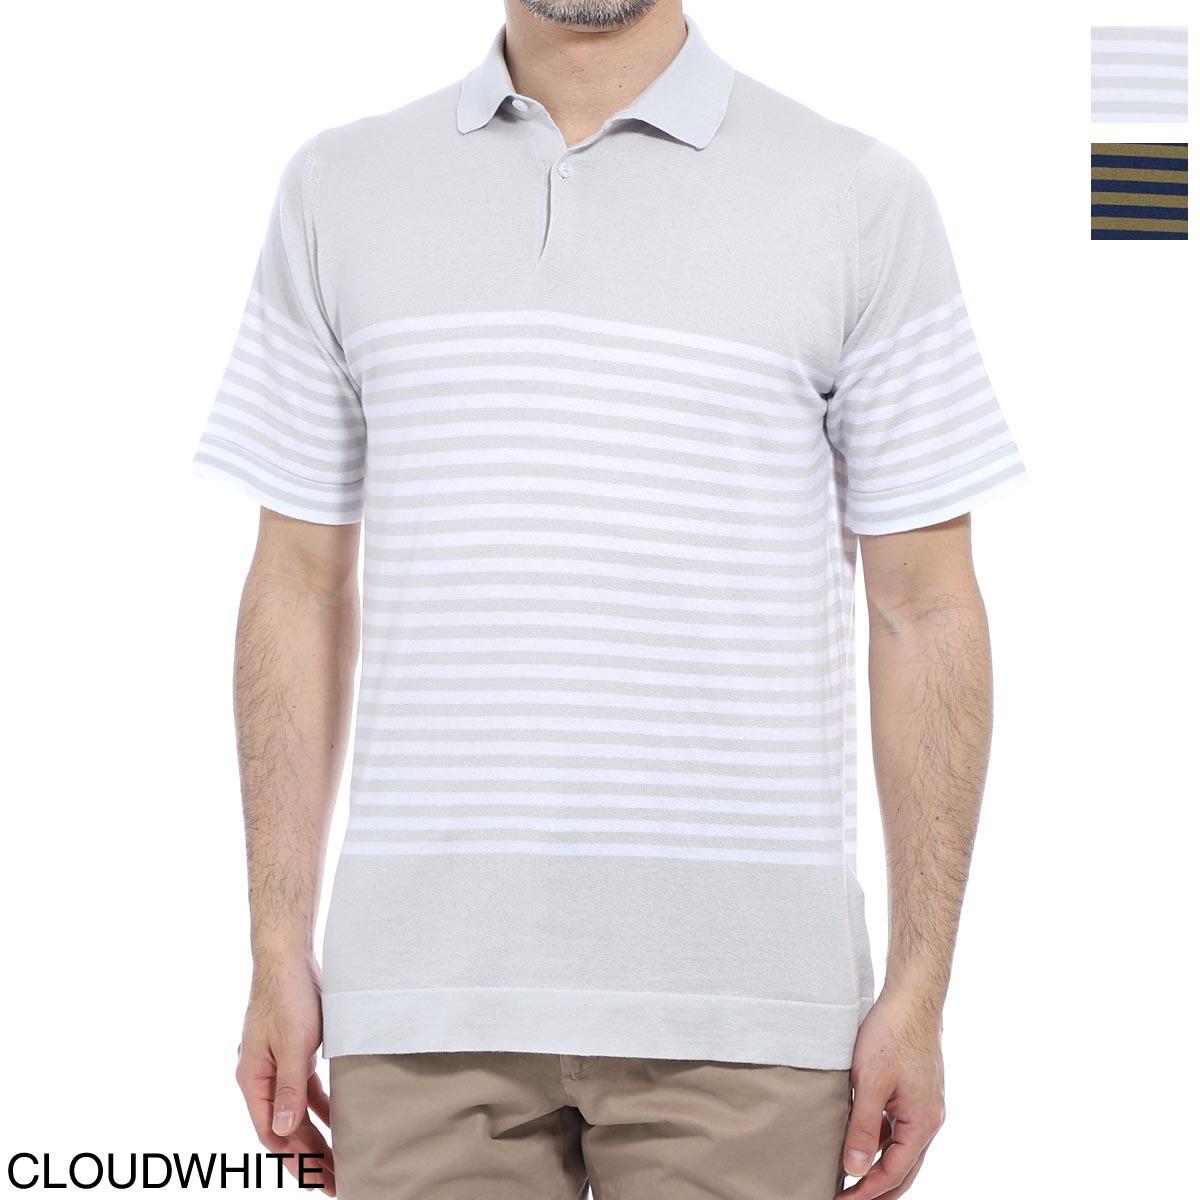 ジョンスメドレー JOHN SMEDLEY ポロシャツ メンズ rill cloud white RILL リル 30ゲージ【あす楽対応_関東】【返品送料無料】【ラッピング無料】